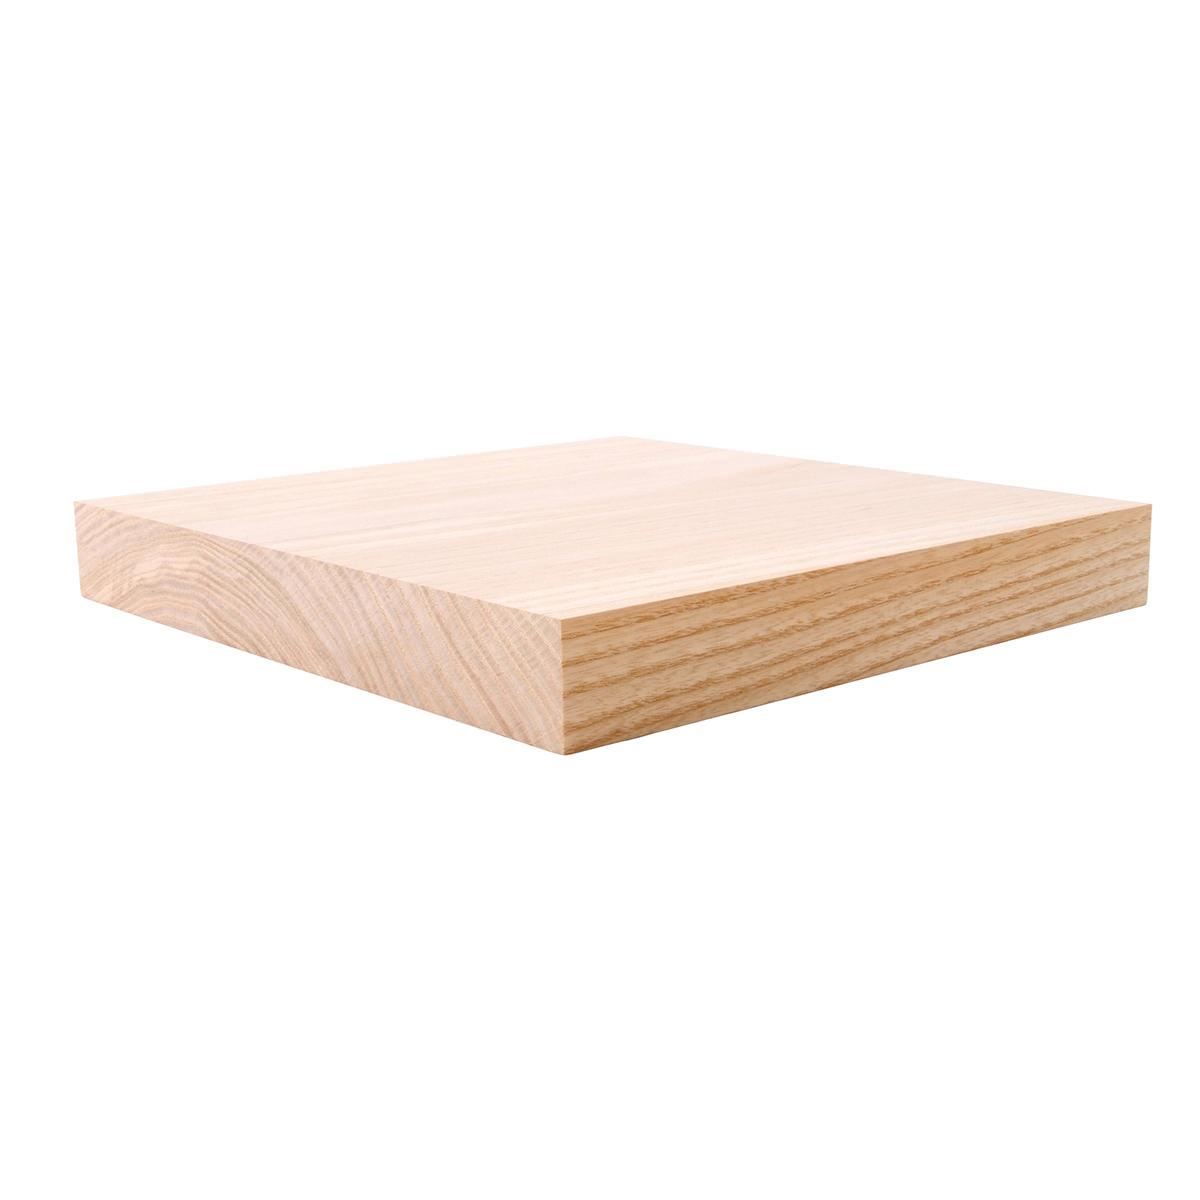 Rough Sawn Vs Surfaced Lumber